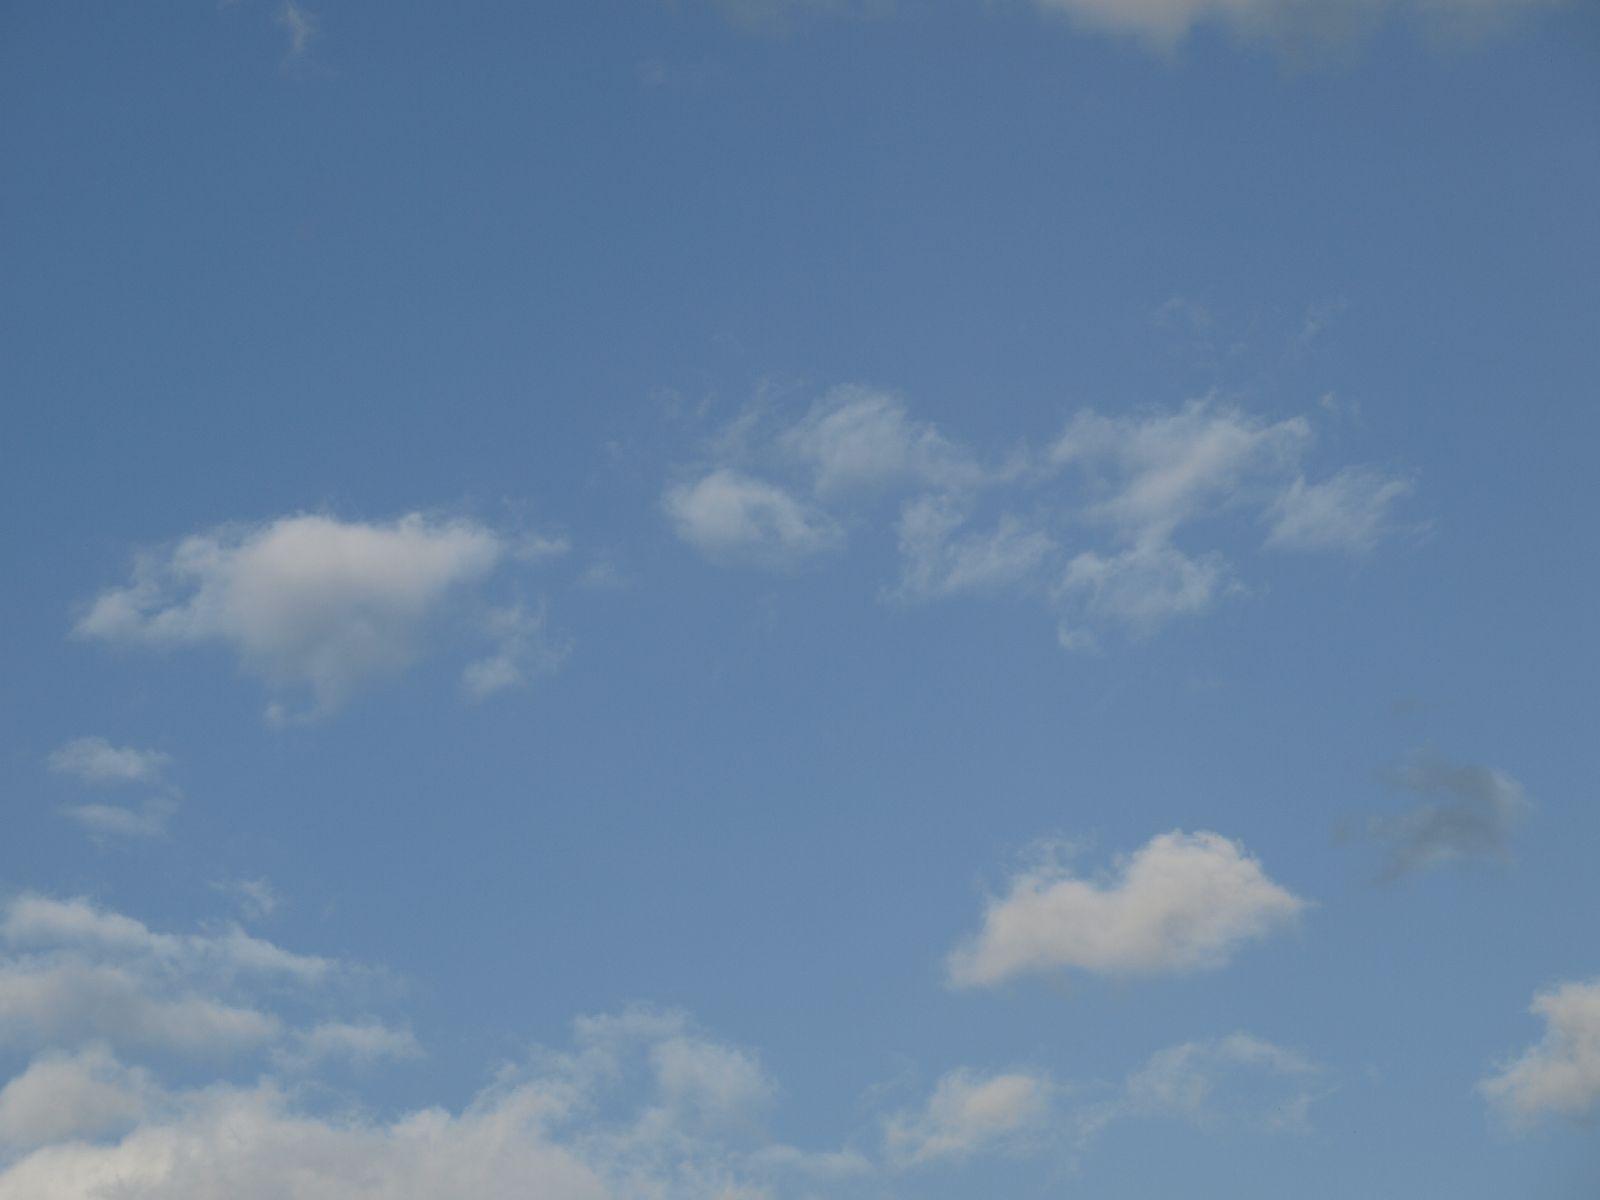 Himmel-Wolken-Foto_Textur_A_P8289268